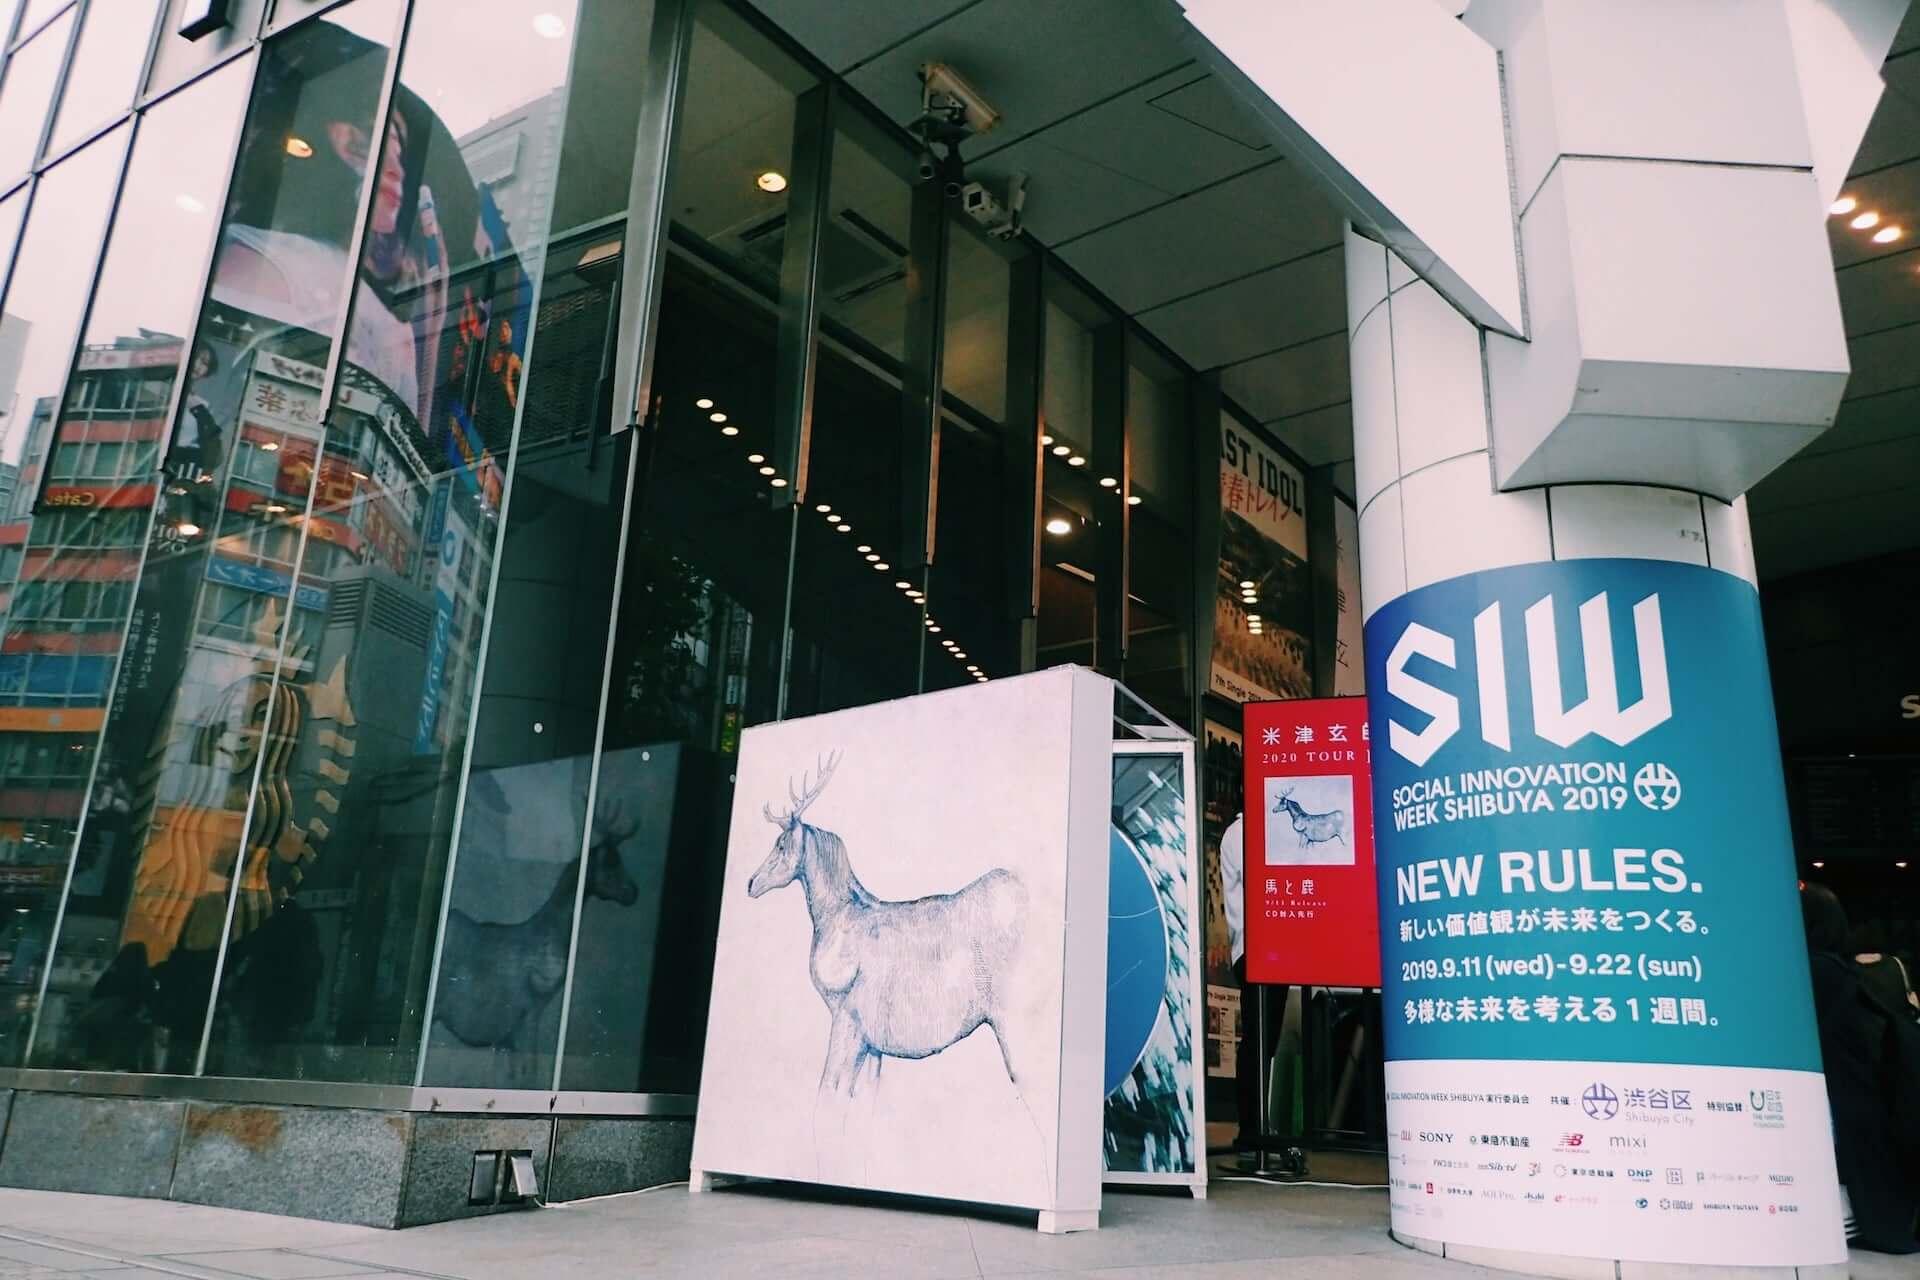 米津玄師「馬と鹿」のデカジャケが渋谷スクランブル交差点に出現!全国各地をデカジャケがめぐる music190913_yonezukenshi_dekajake_2-1920x1280